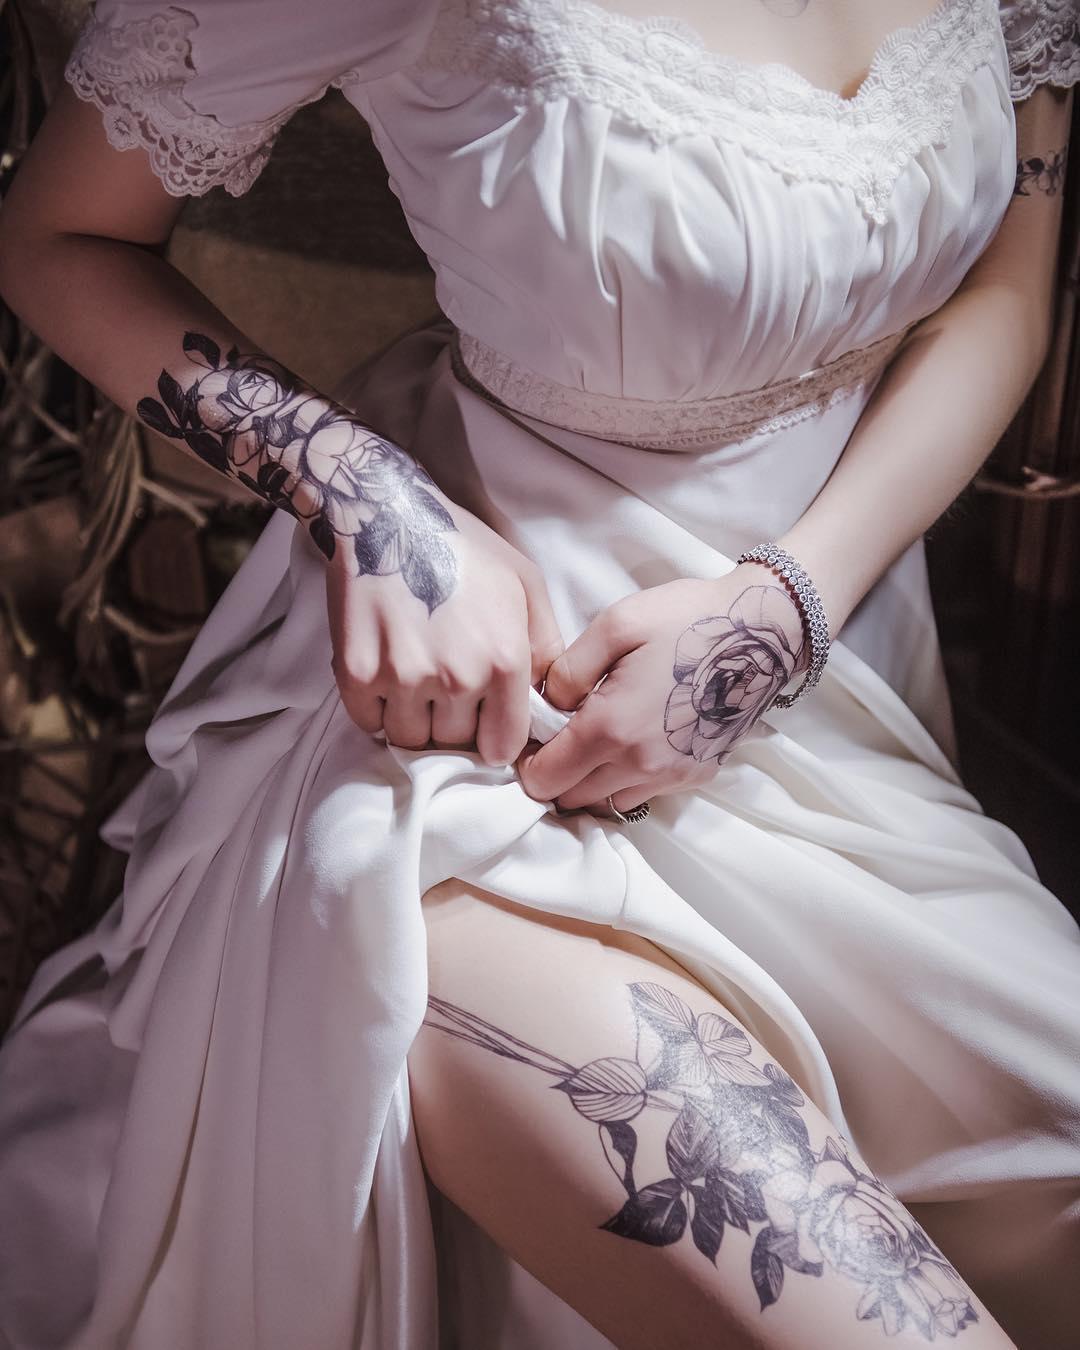 Ezt mondja tetoválásod a személyiségedről: Neked melyik a mintád?